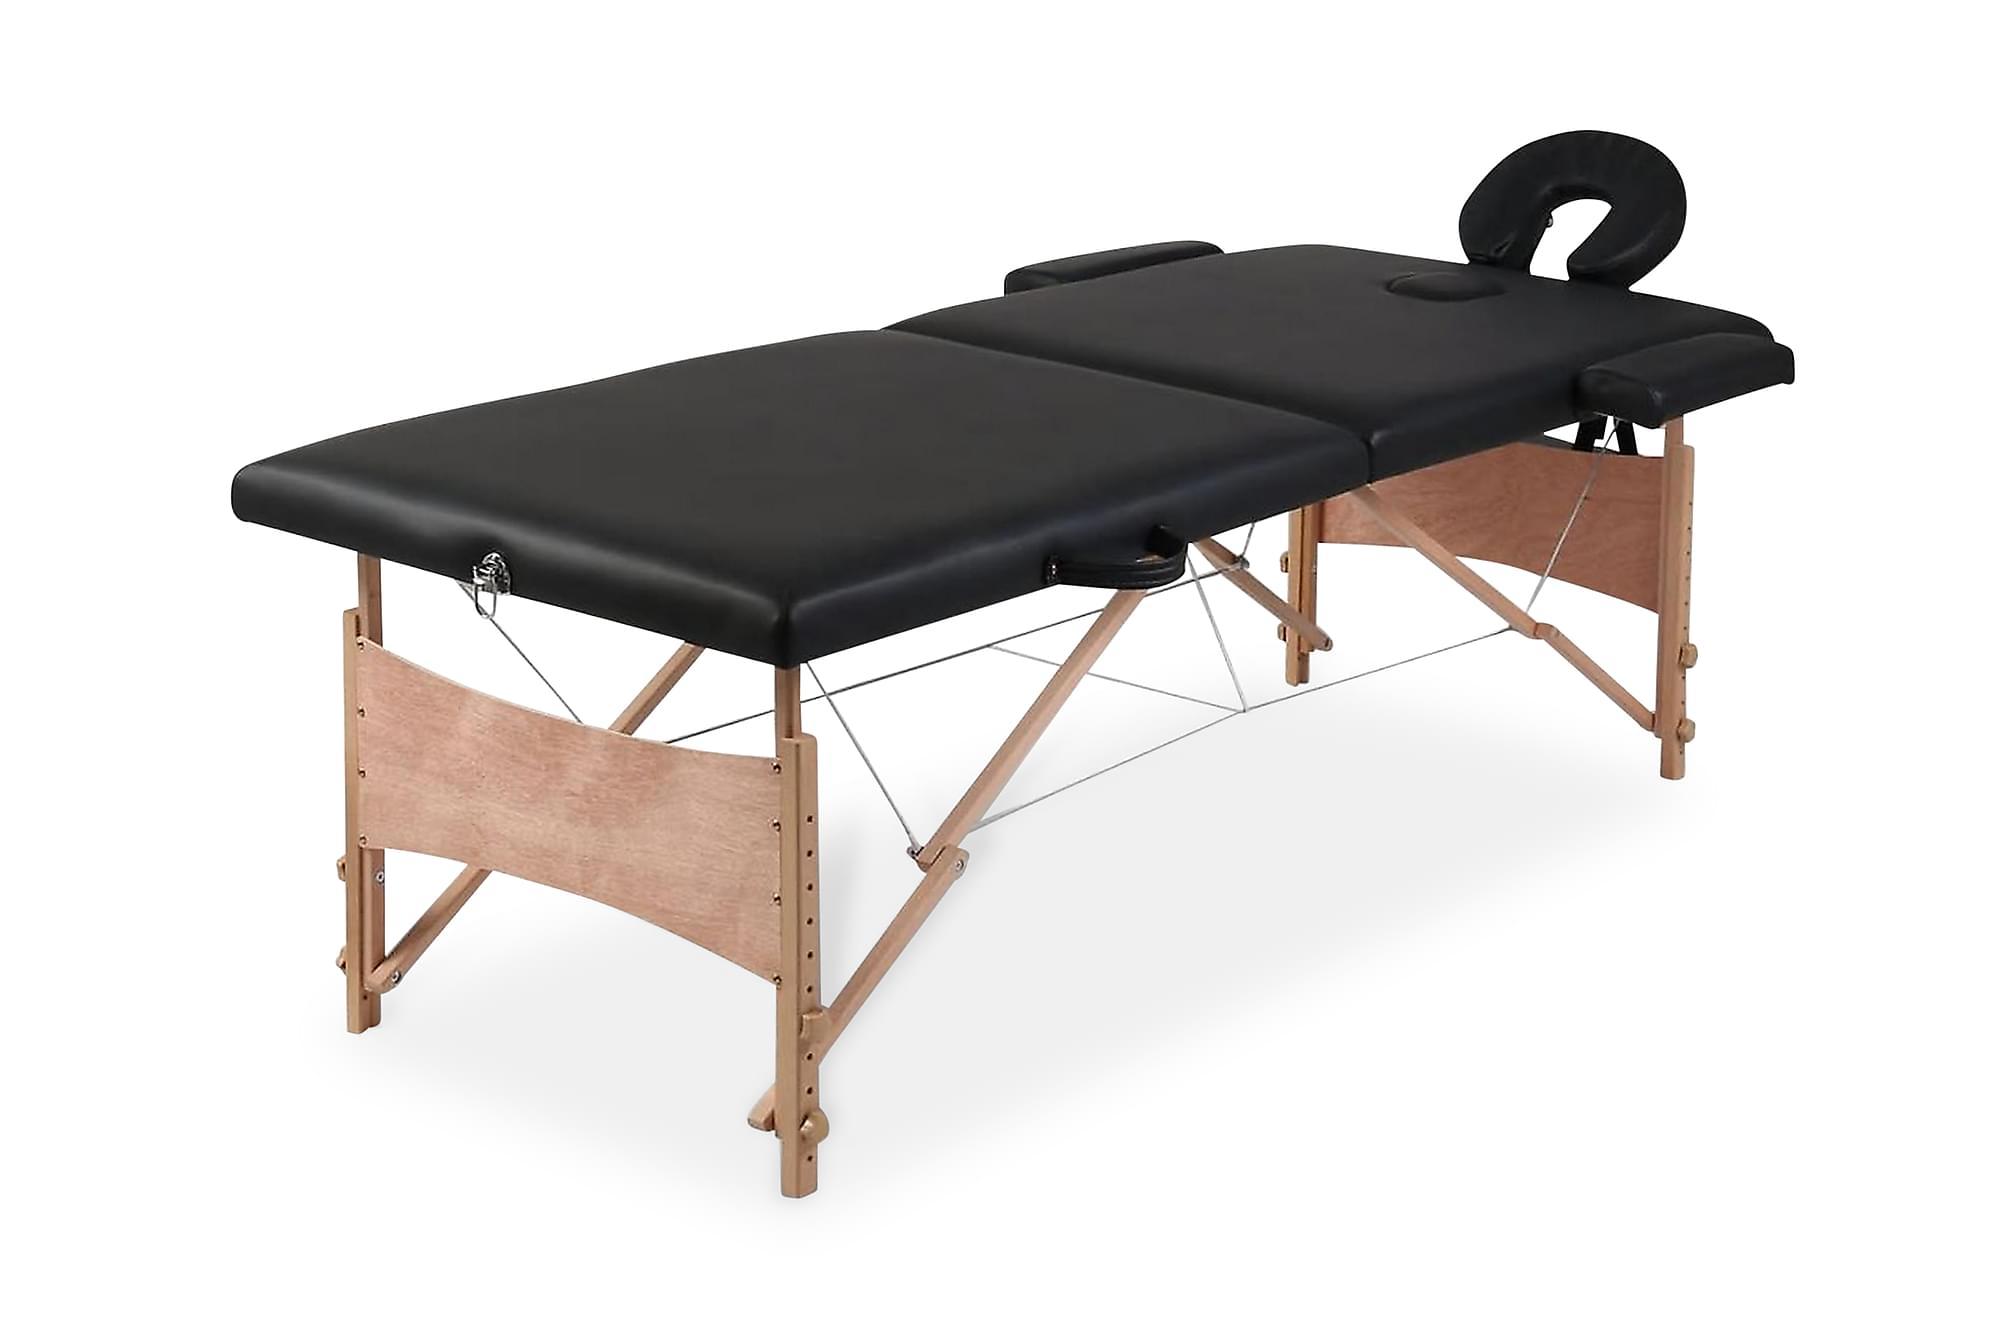 Hopfällbar massagebänk med 2 sektioner träram svart